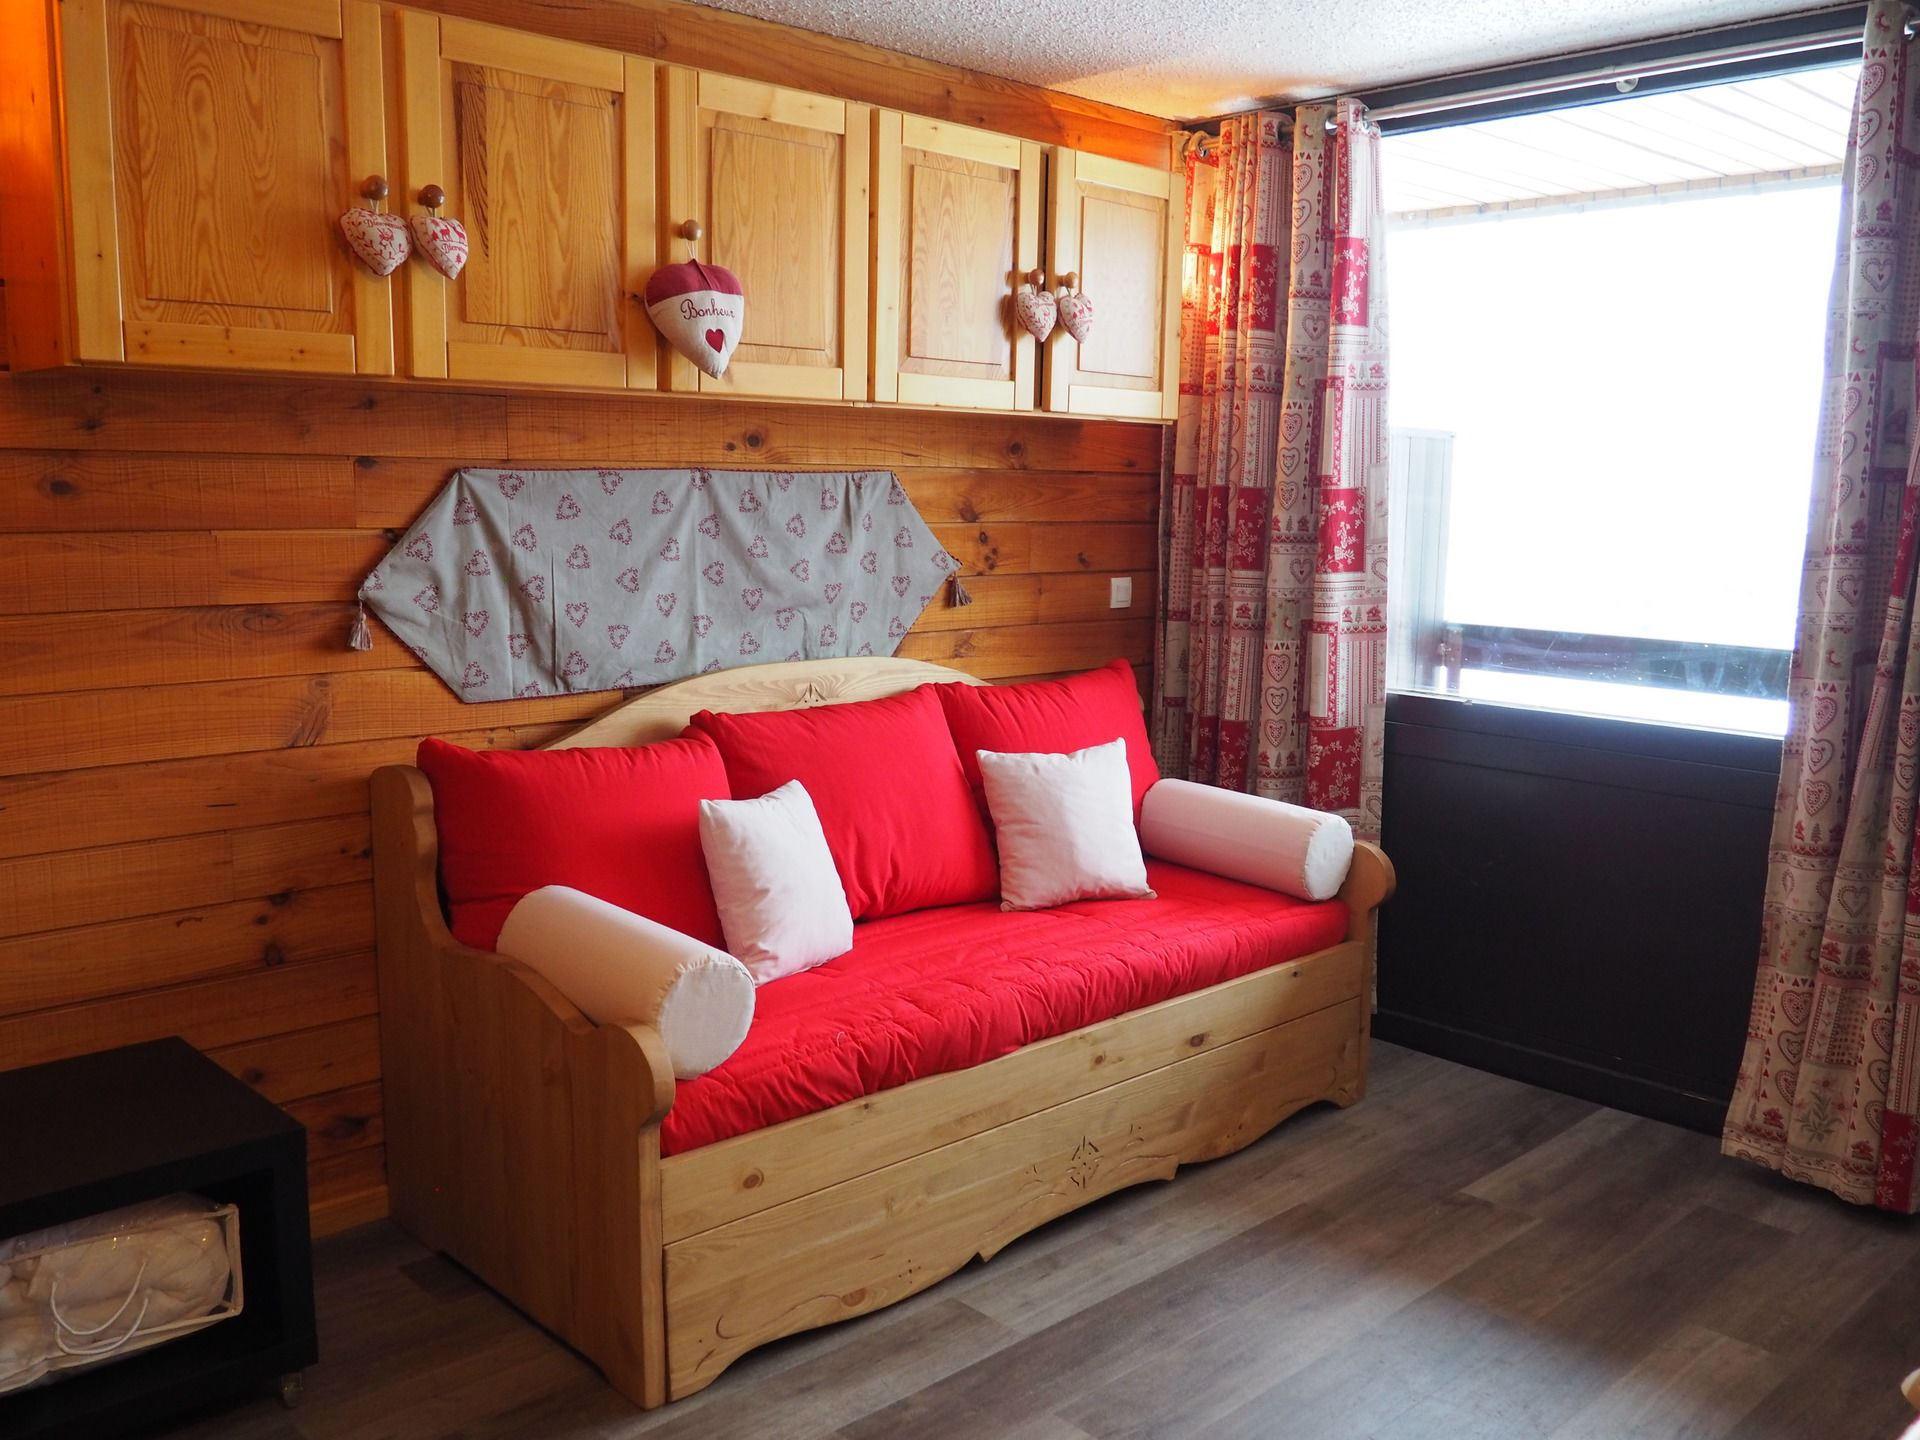 4 Pers Studio ski-in ski-out / ARAVIS 205